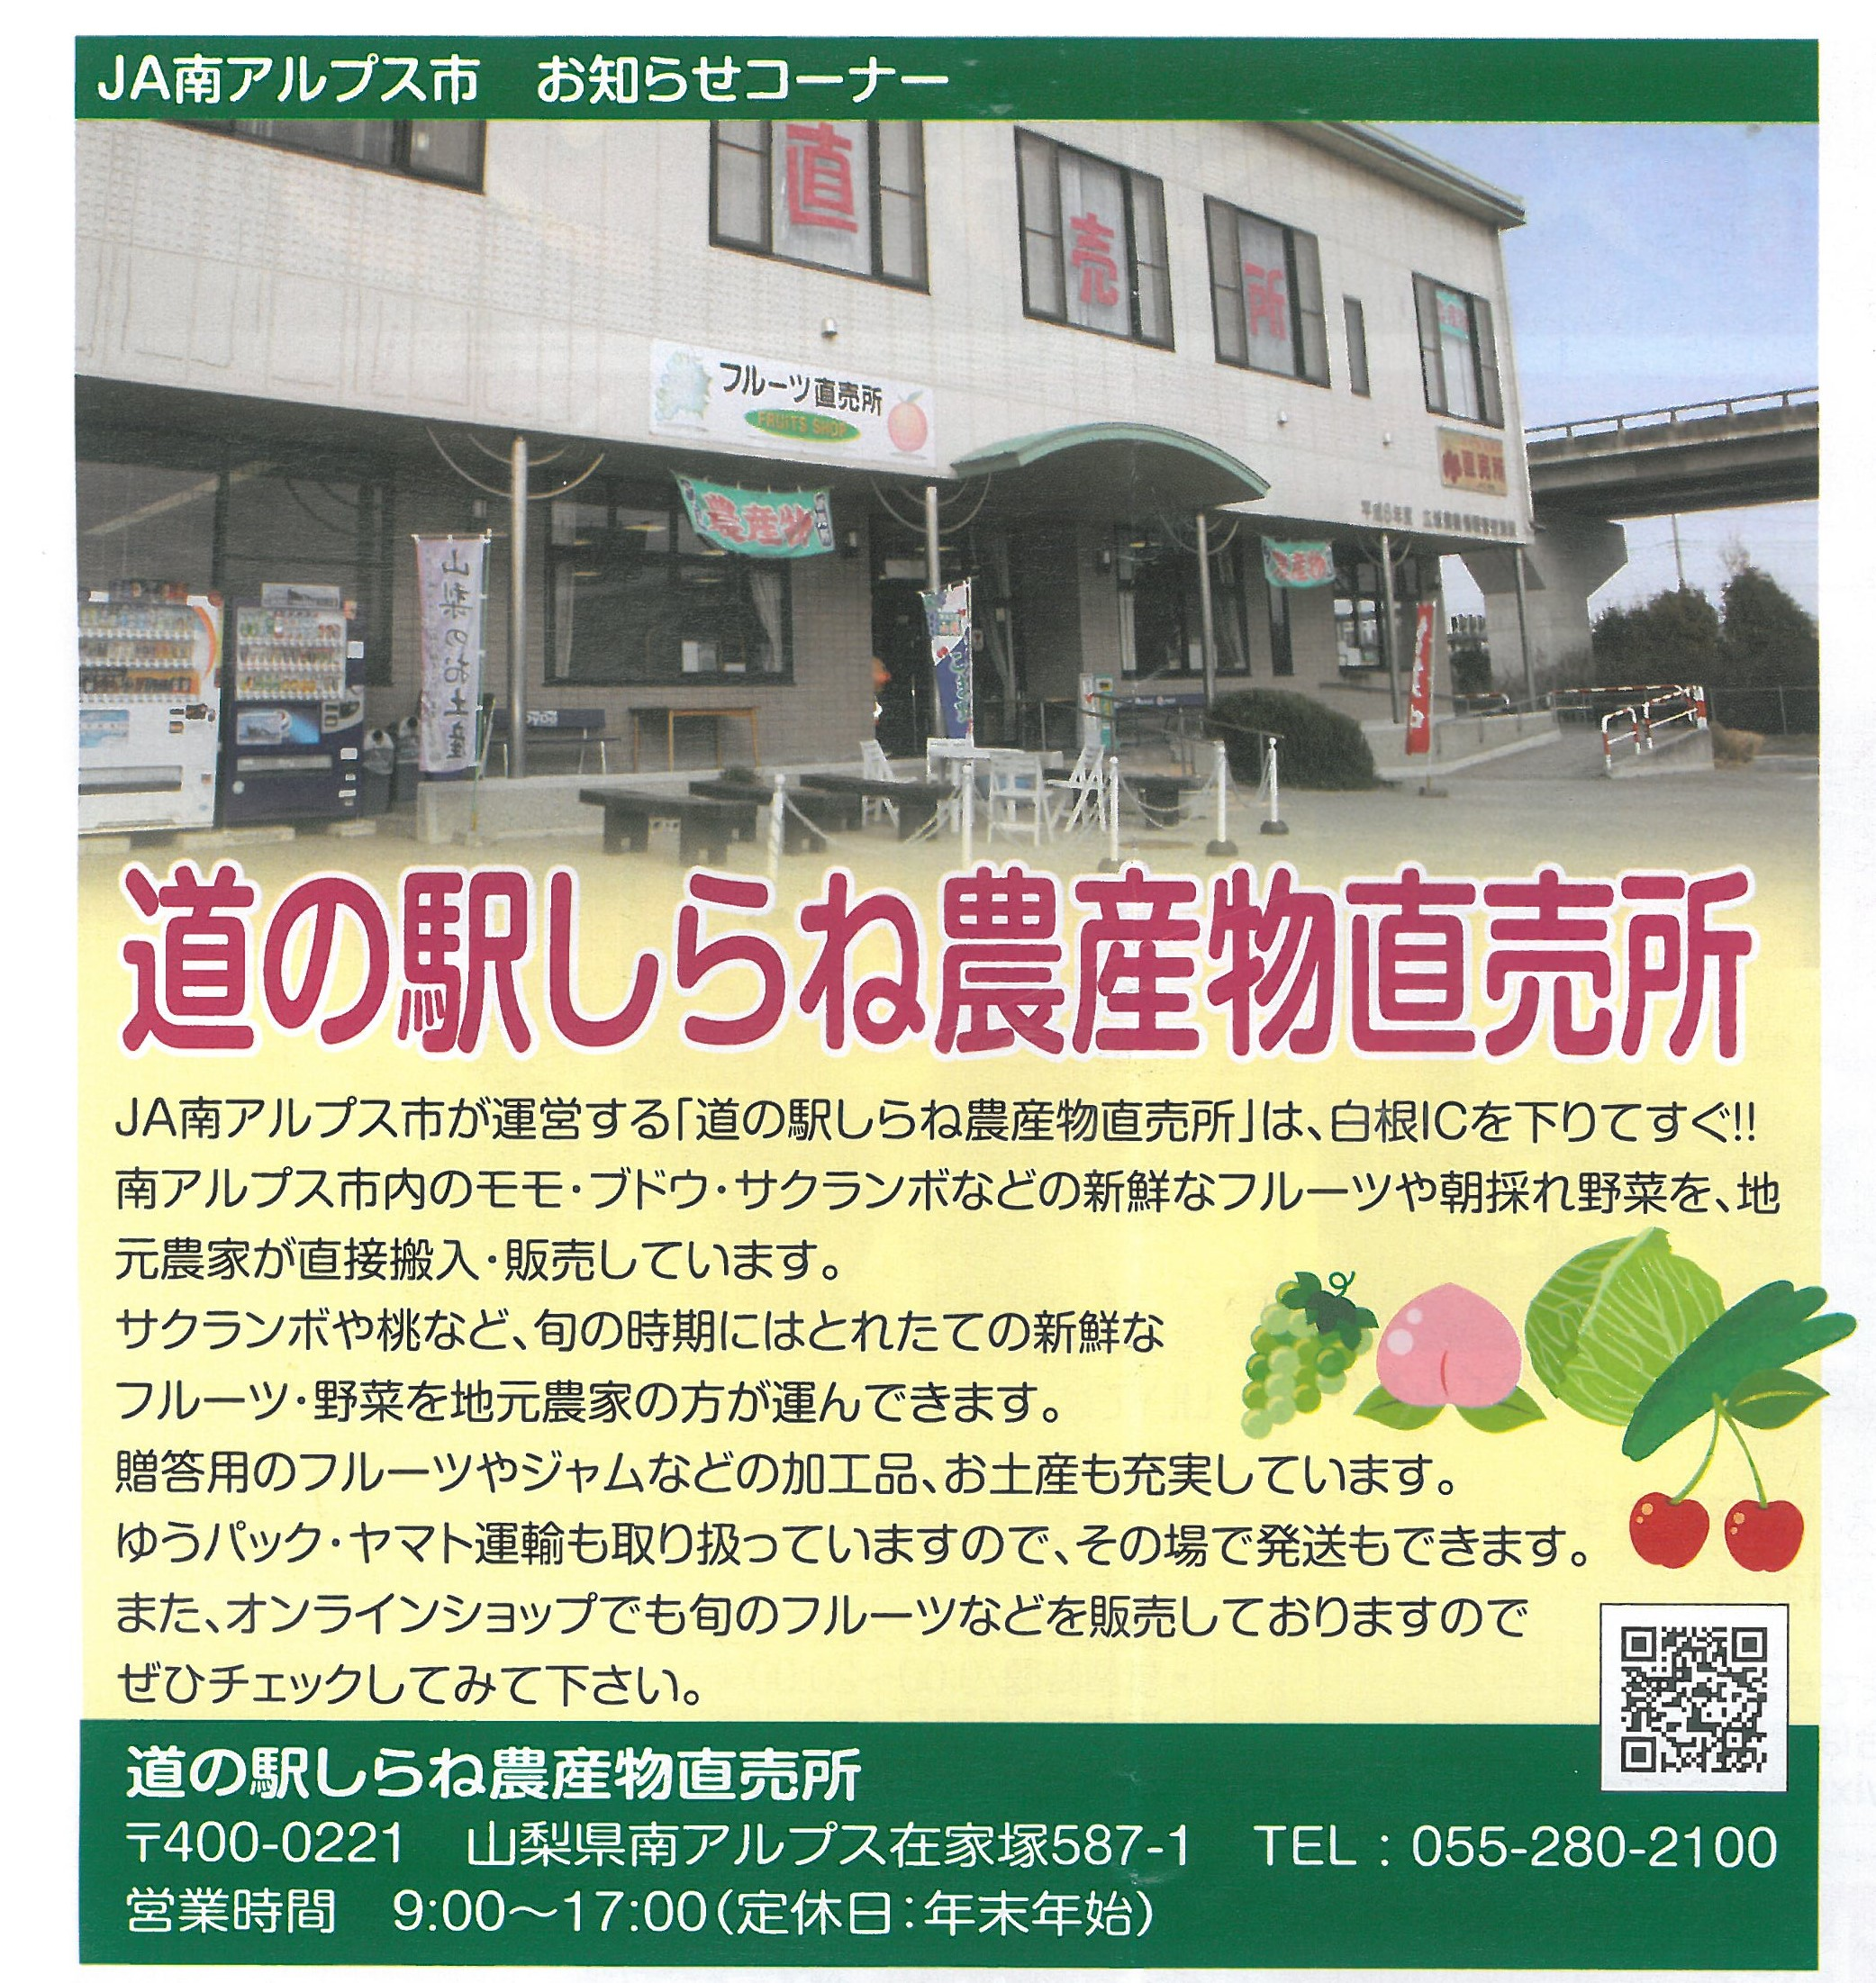 【道の駅しらね農産物直売所】